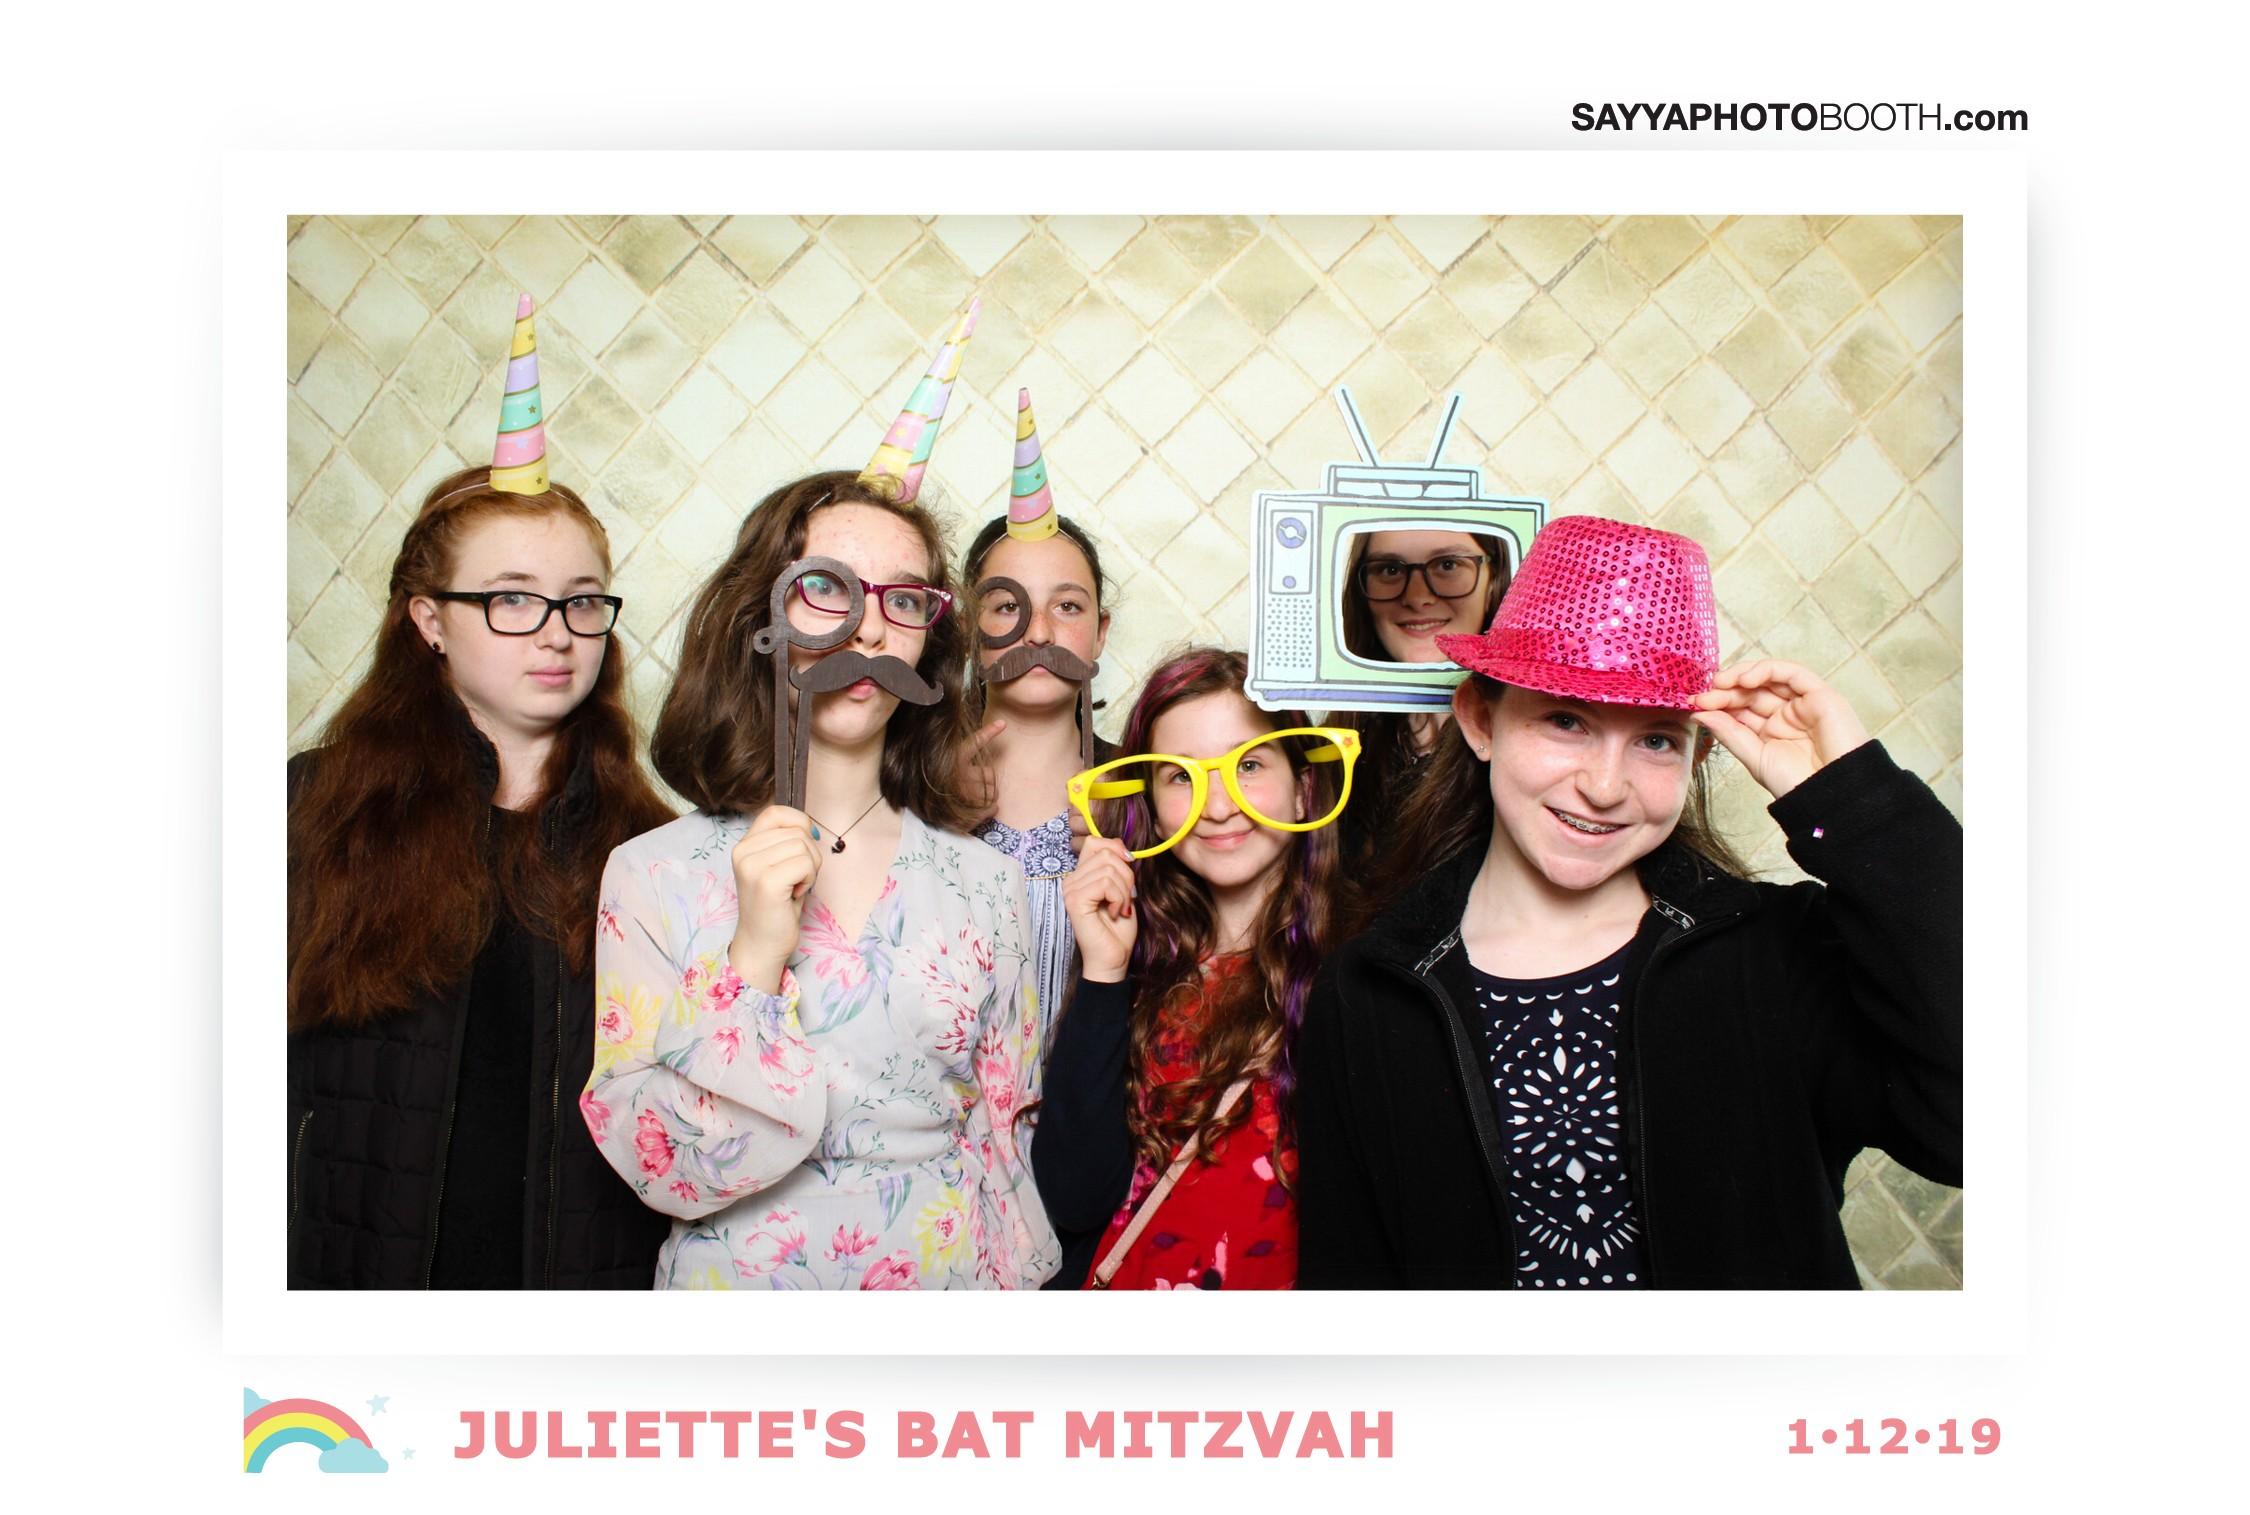 Juliette's Bat Mitzvah